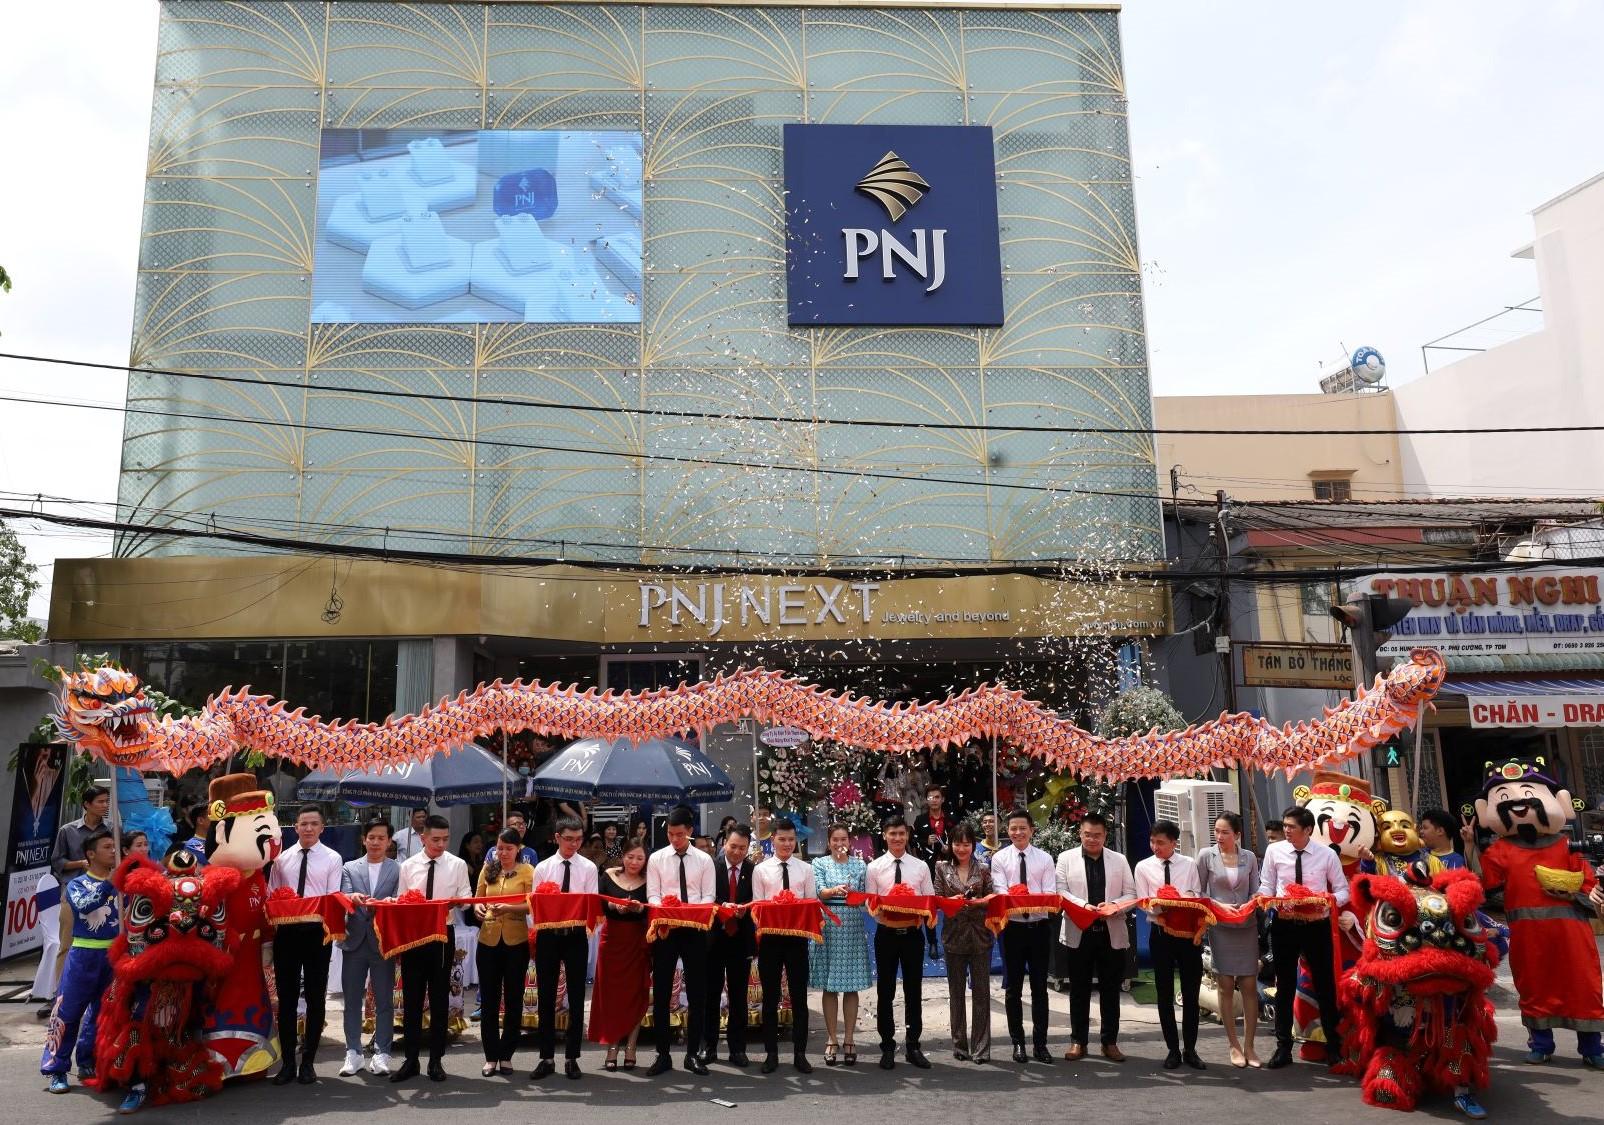 Lễ cắt băng khai trương cửa hàng PNJ Next đầu tiên tại Bình Dương